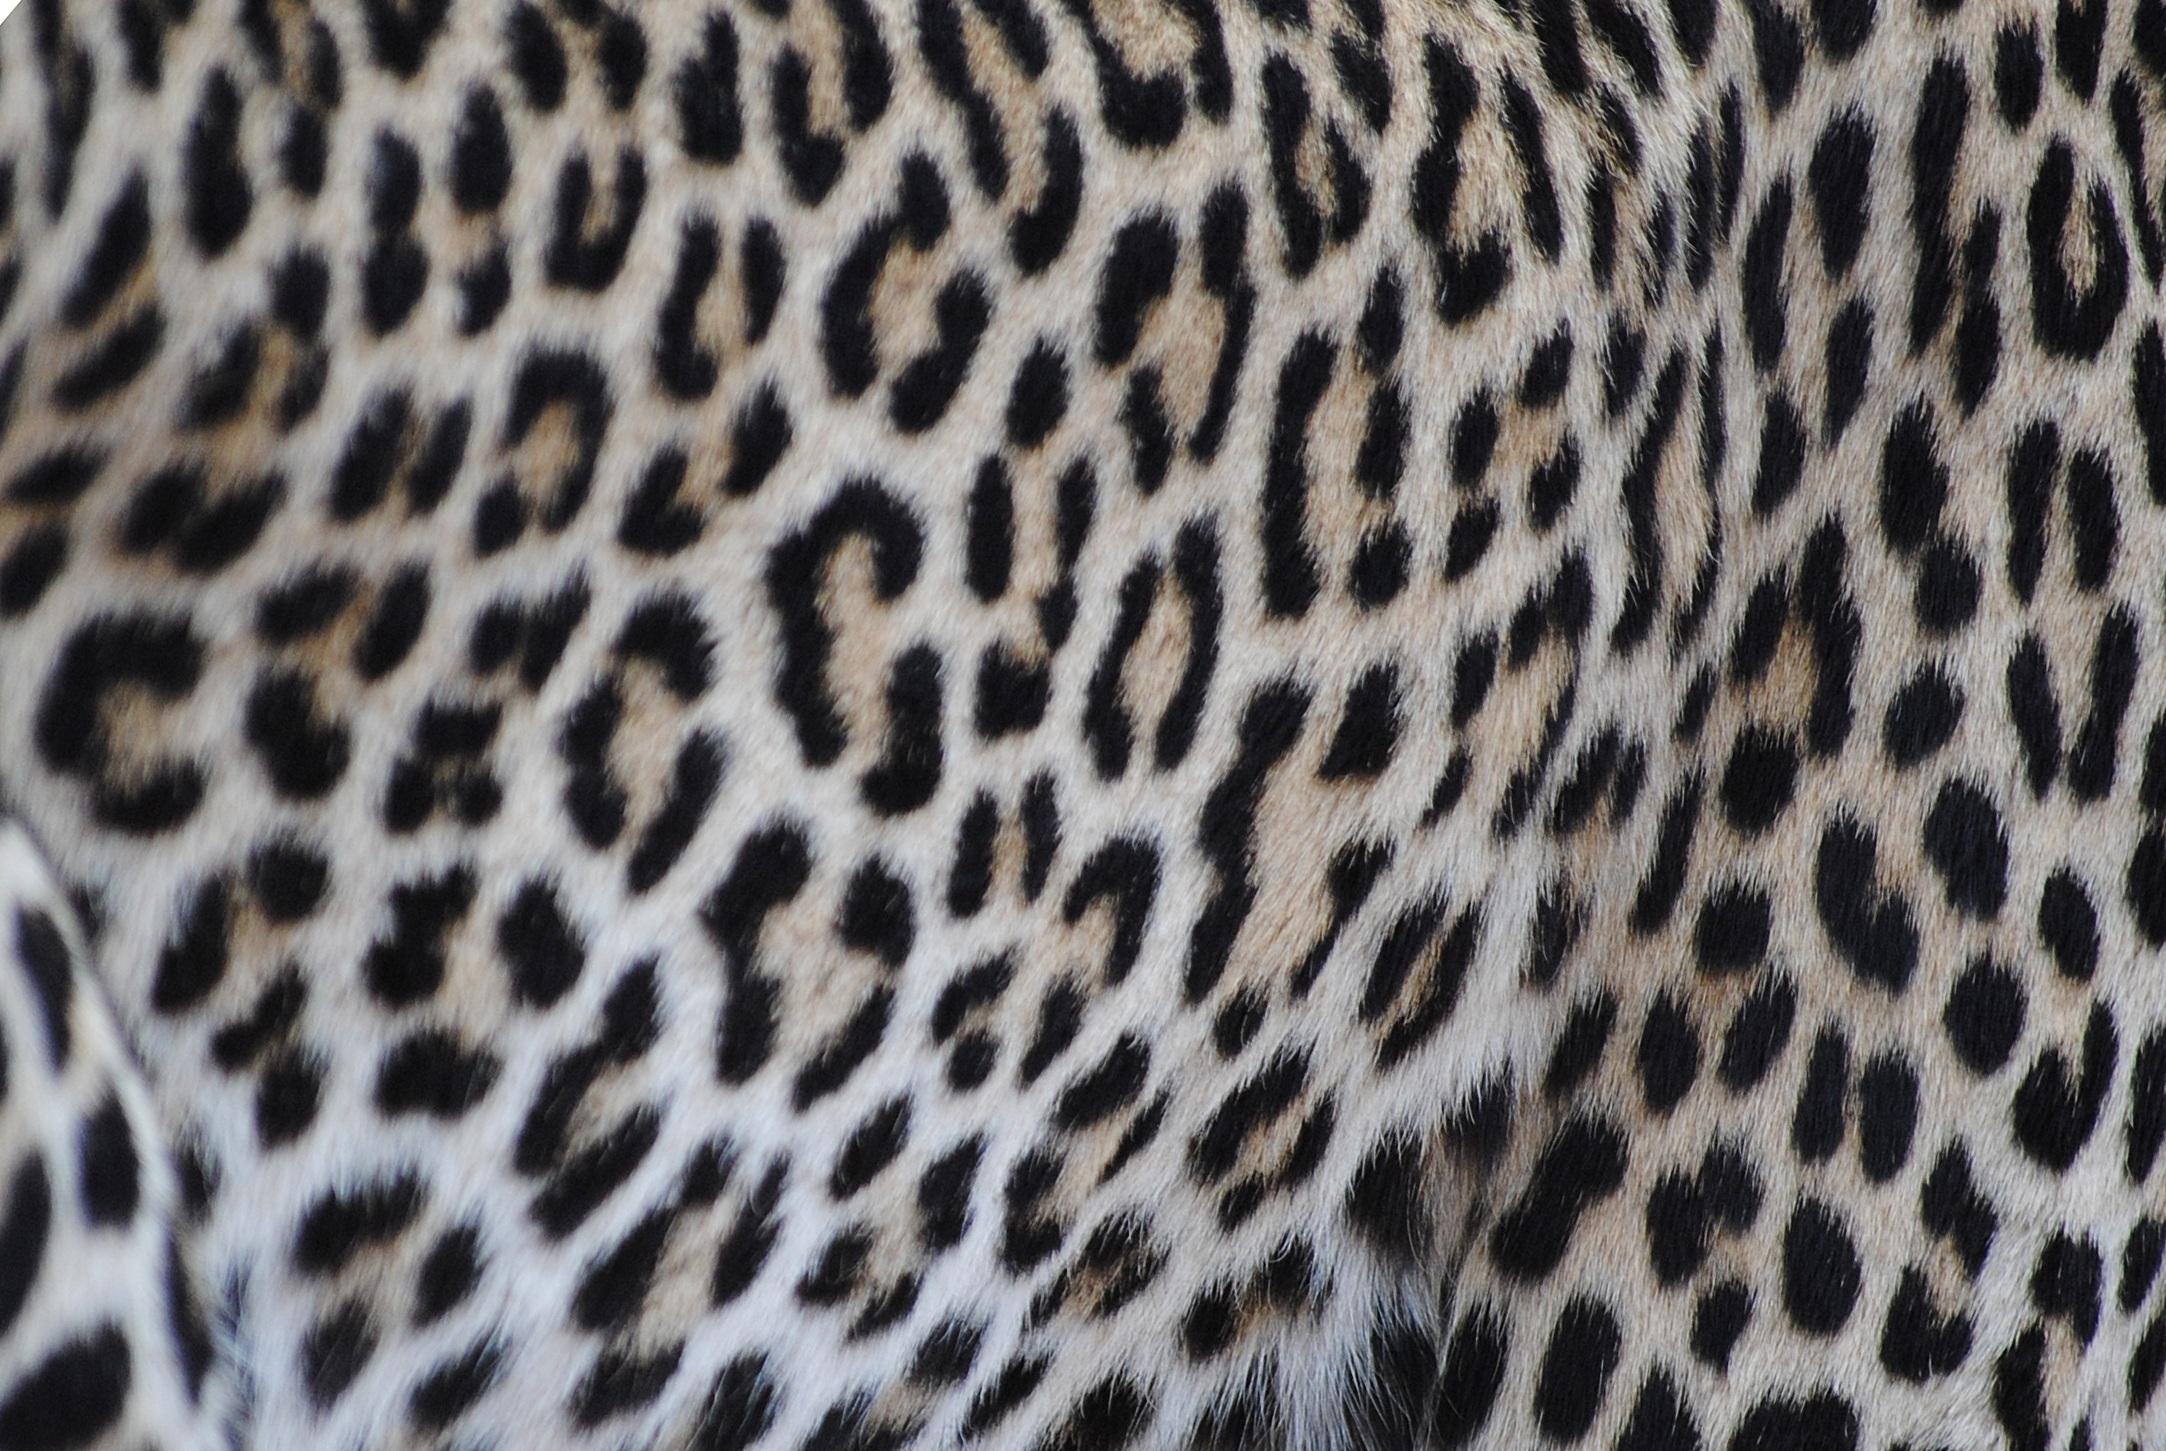 картинка кожа леопарда рассказывал, что